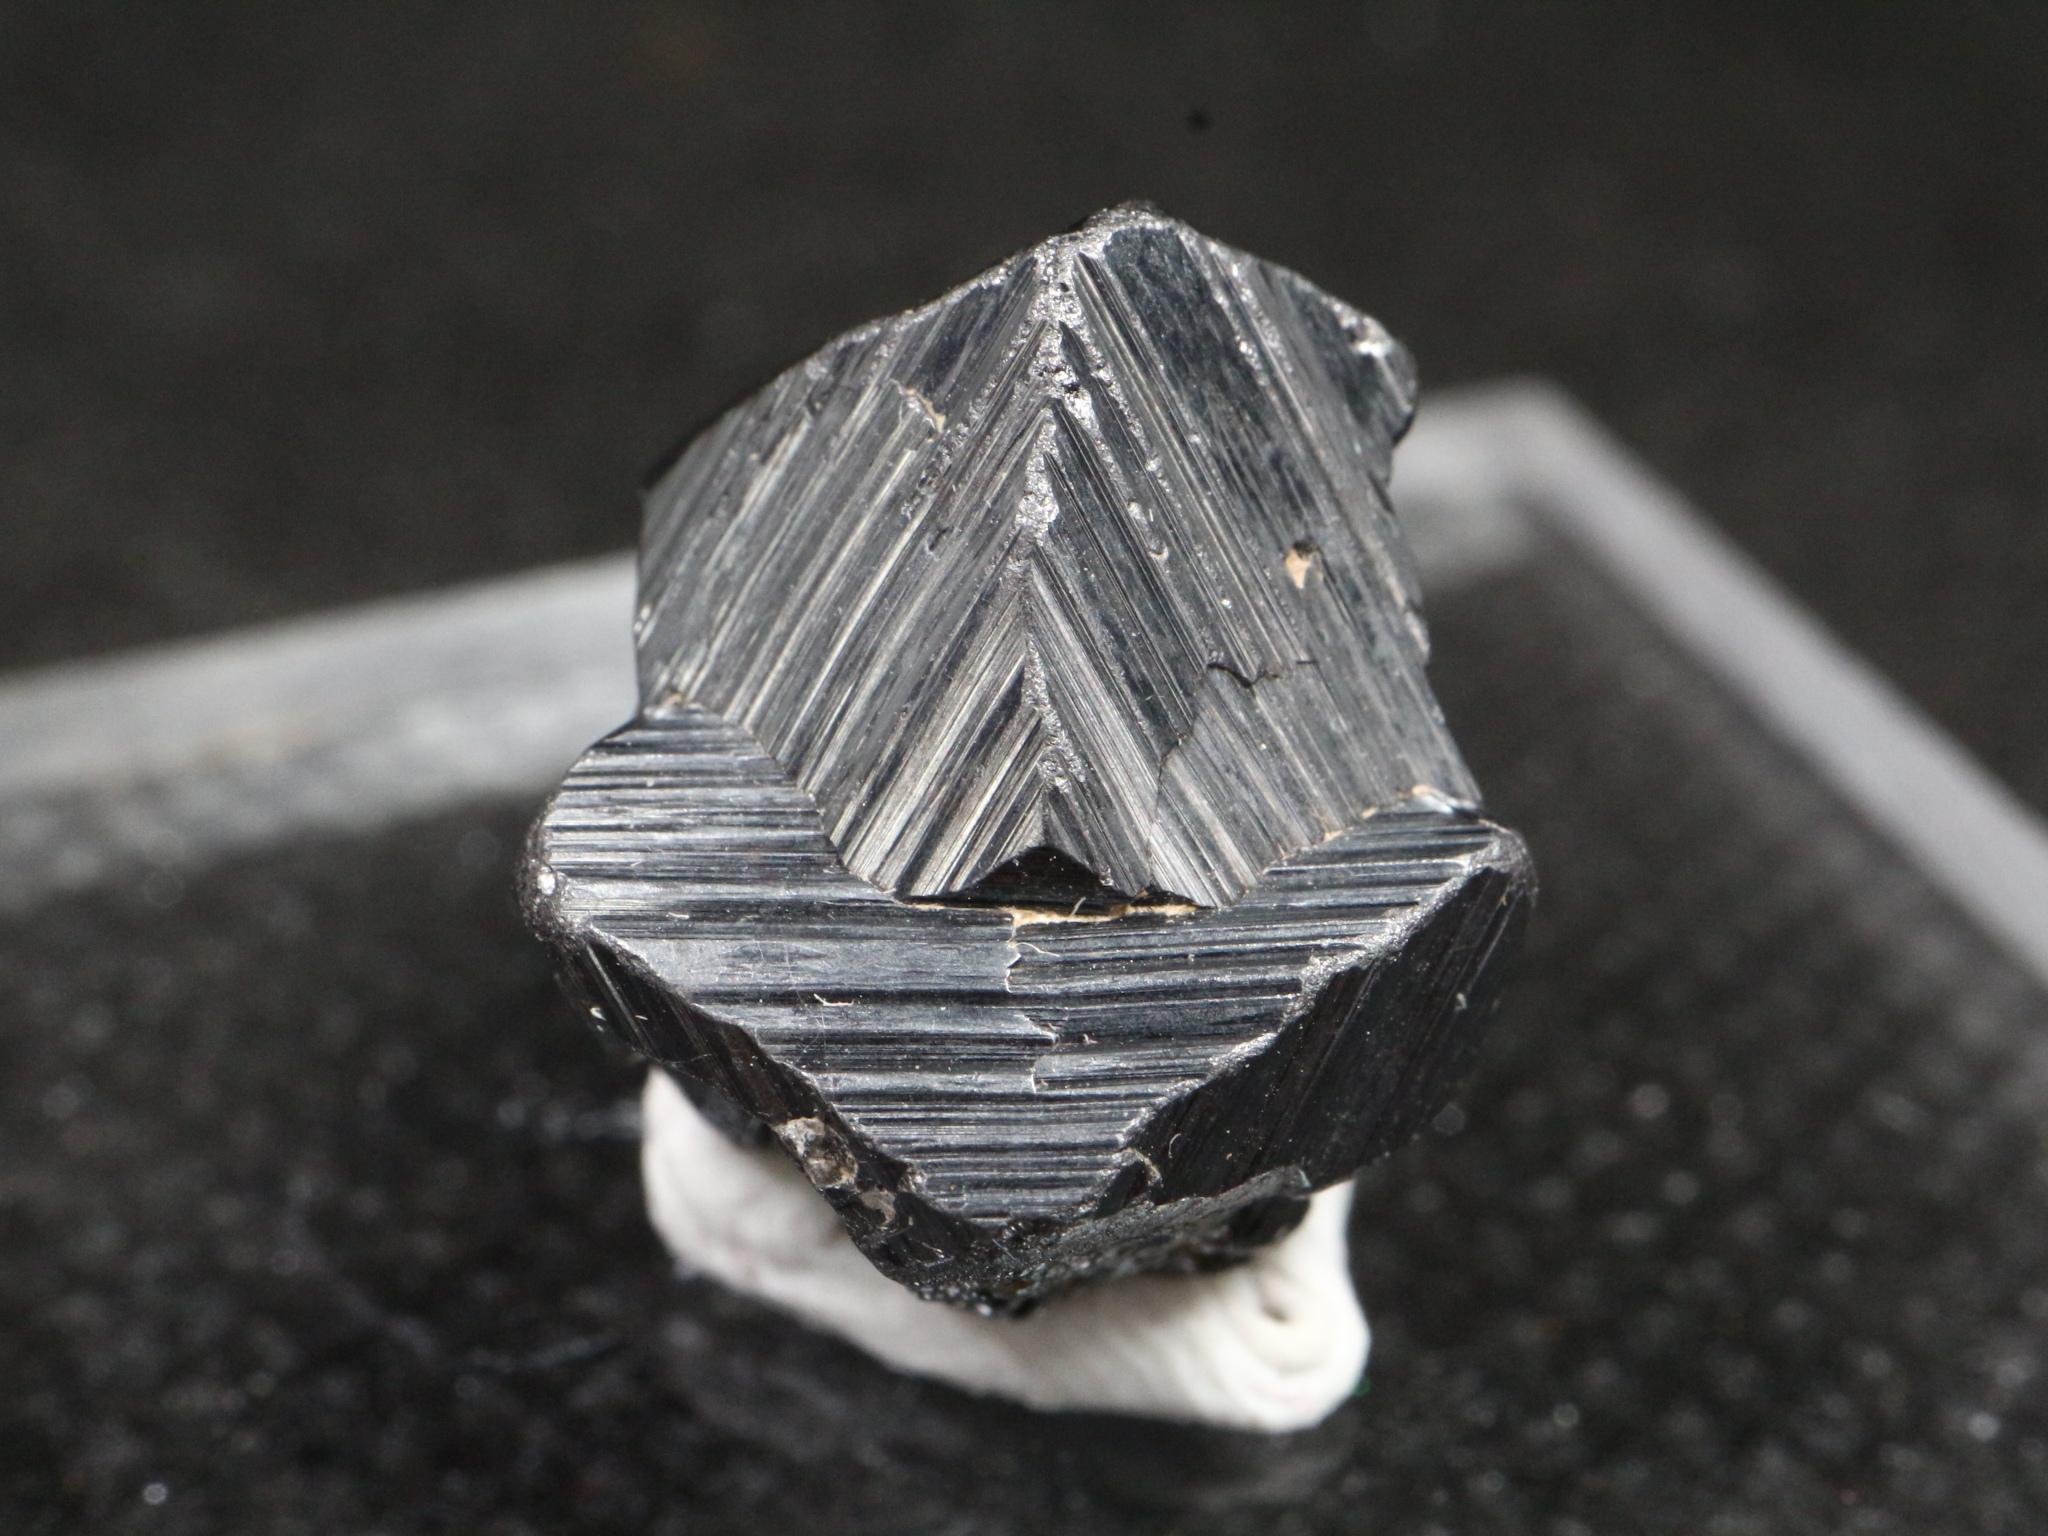 マグネタイト クリスタル 磁鉄鉱 4,8g ユタ州産   MGT015  原石 天然石 鉱物 パワーストーン